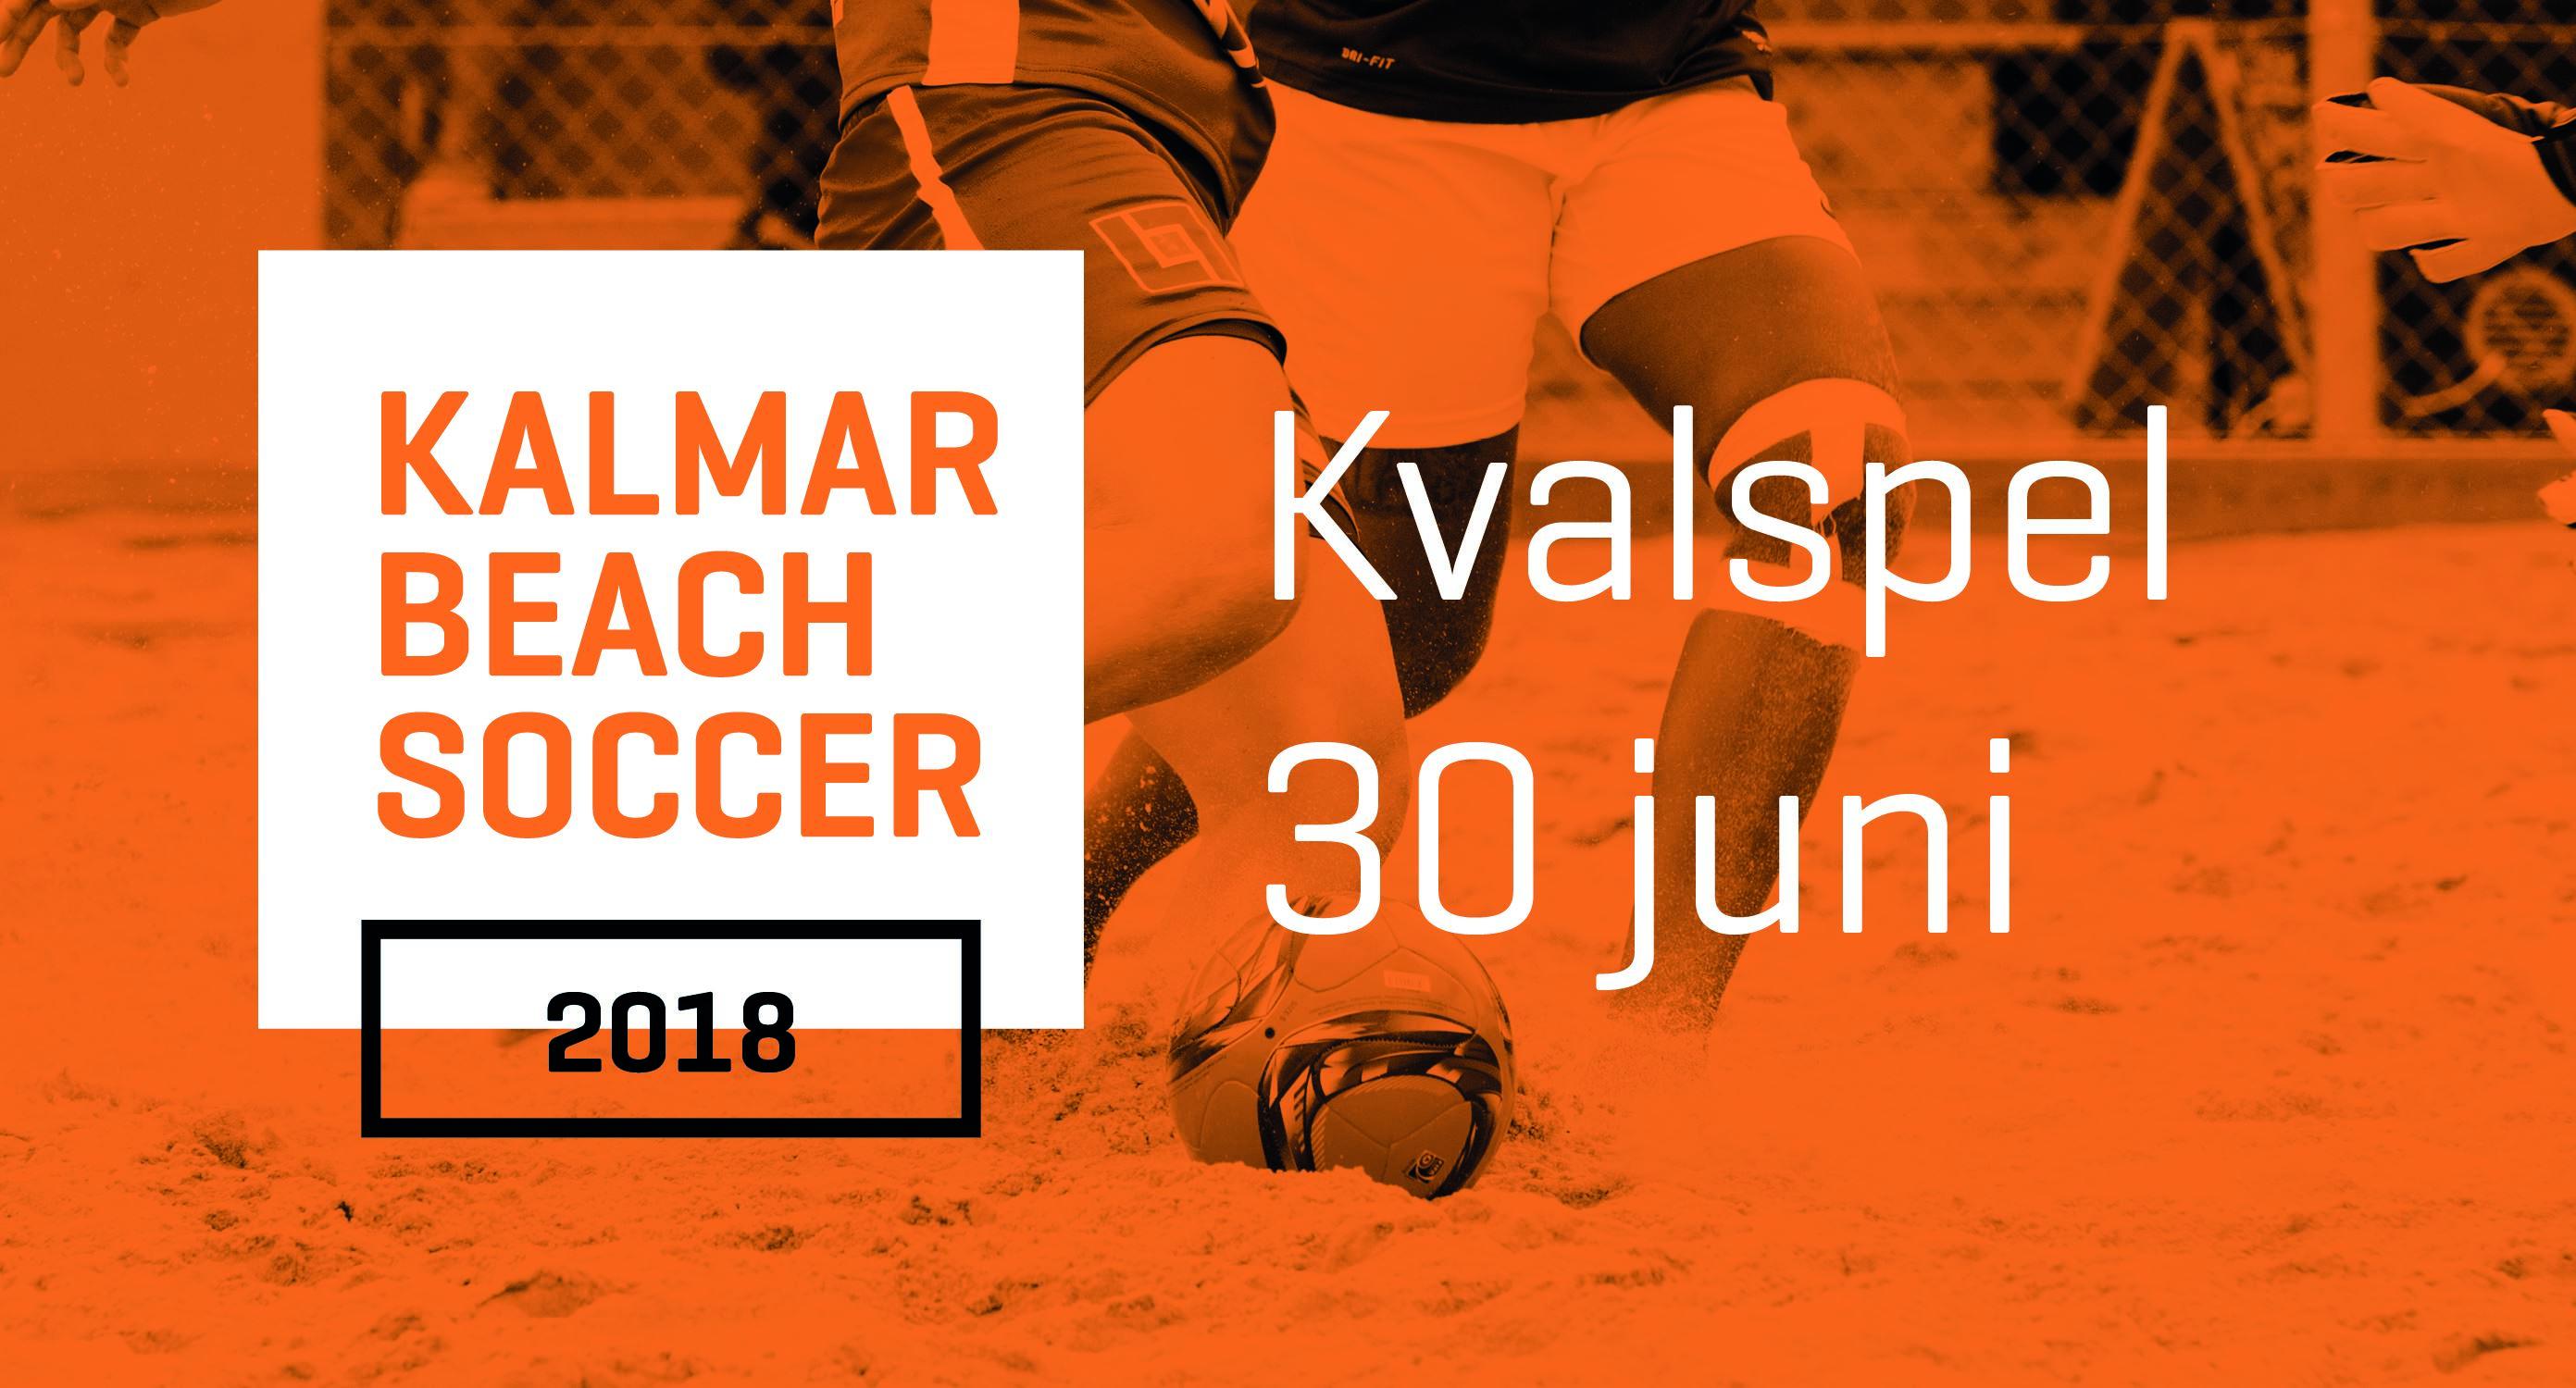 Kalmar Beachsoccer kvalspel 30 juni